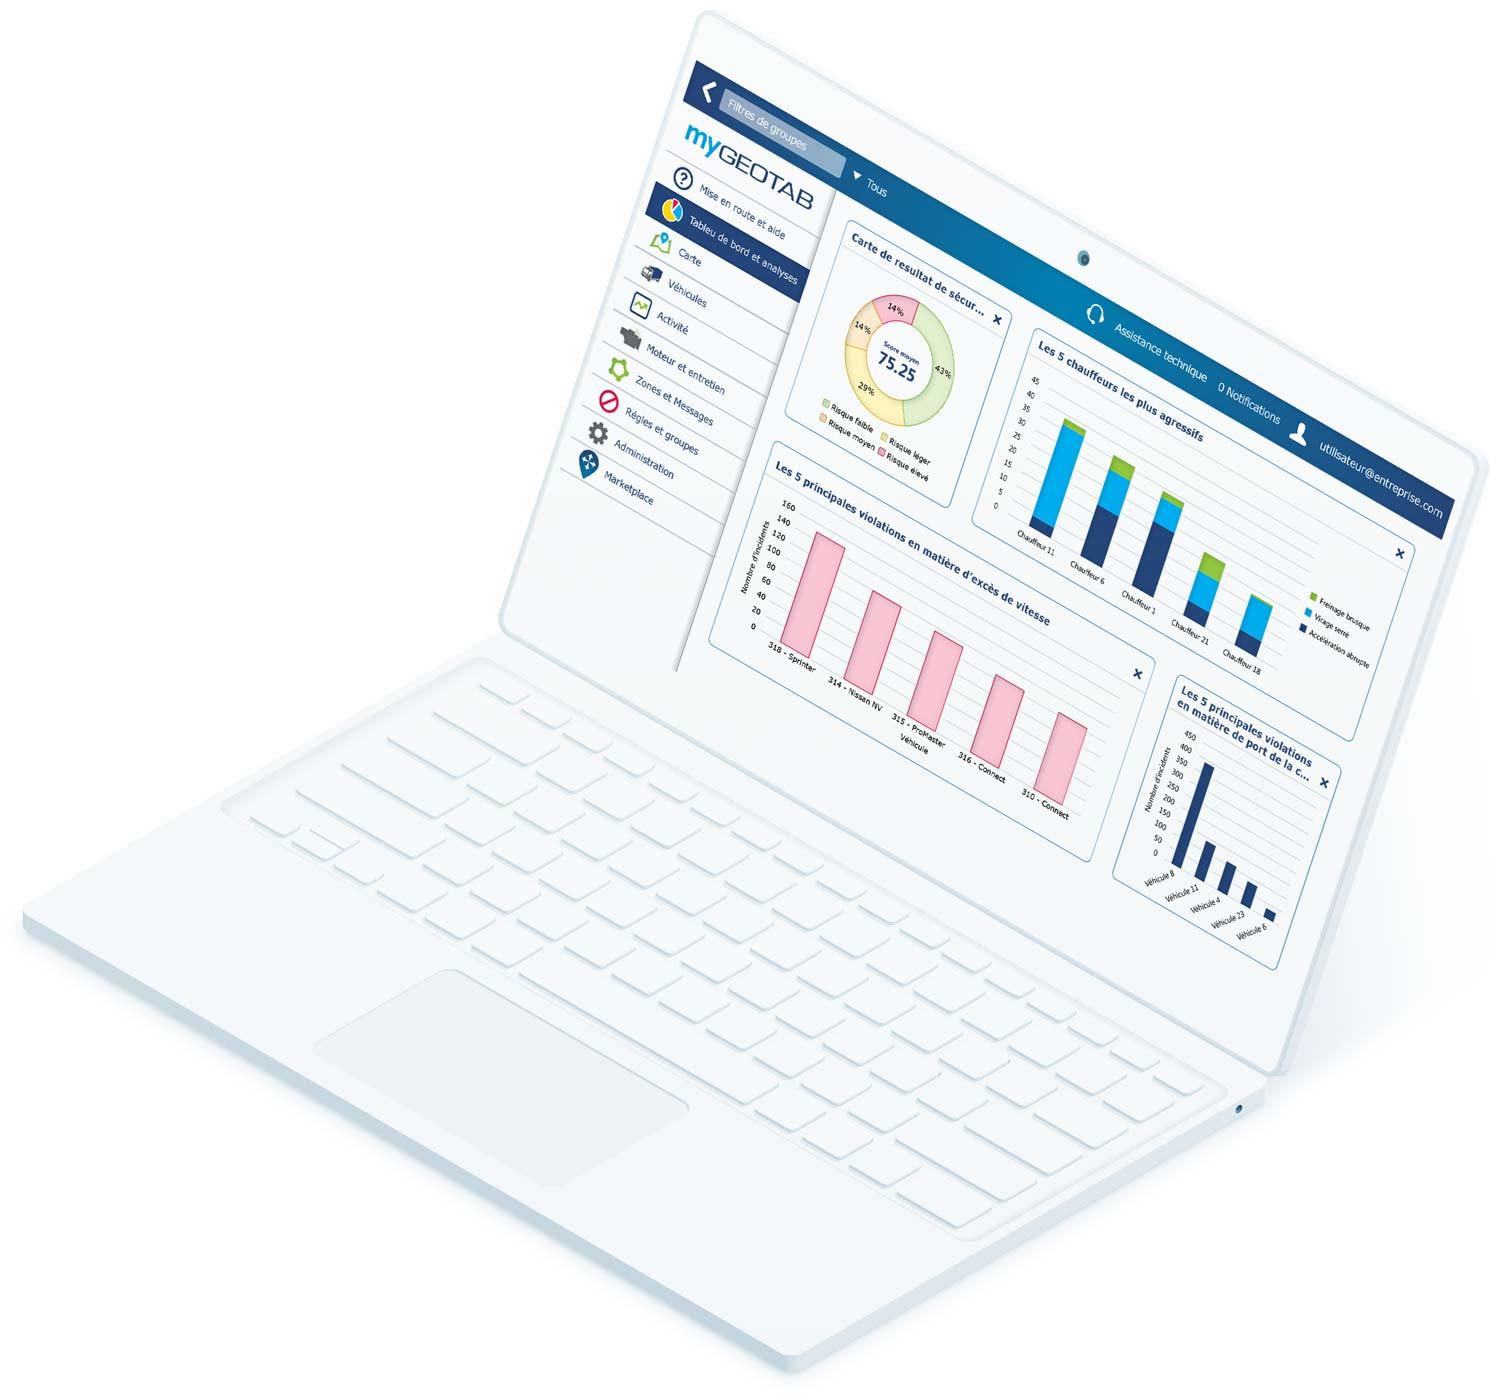 Tableau de bord MyGeotab sur ordinateur portable blanc